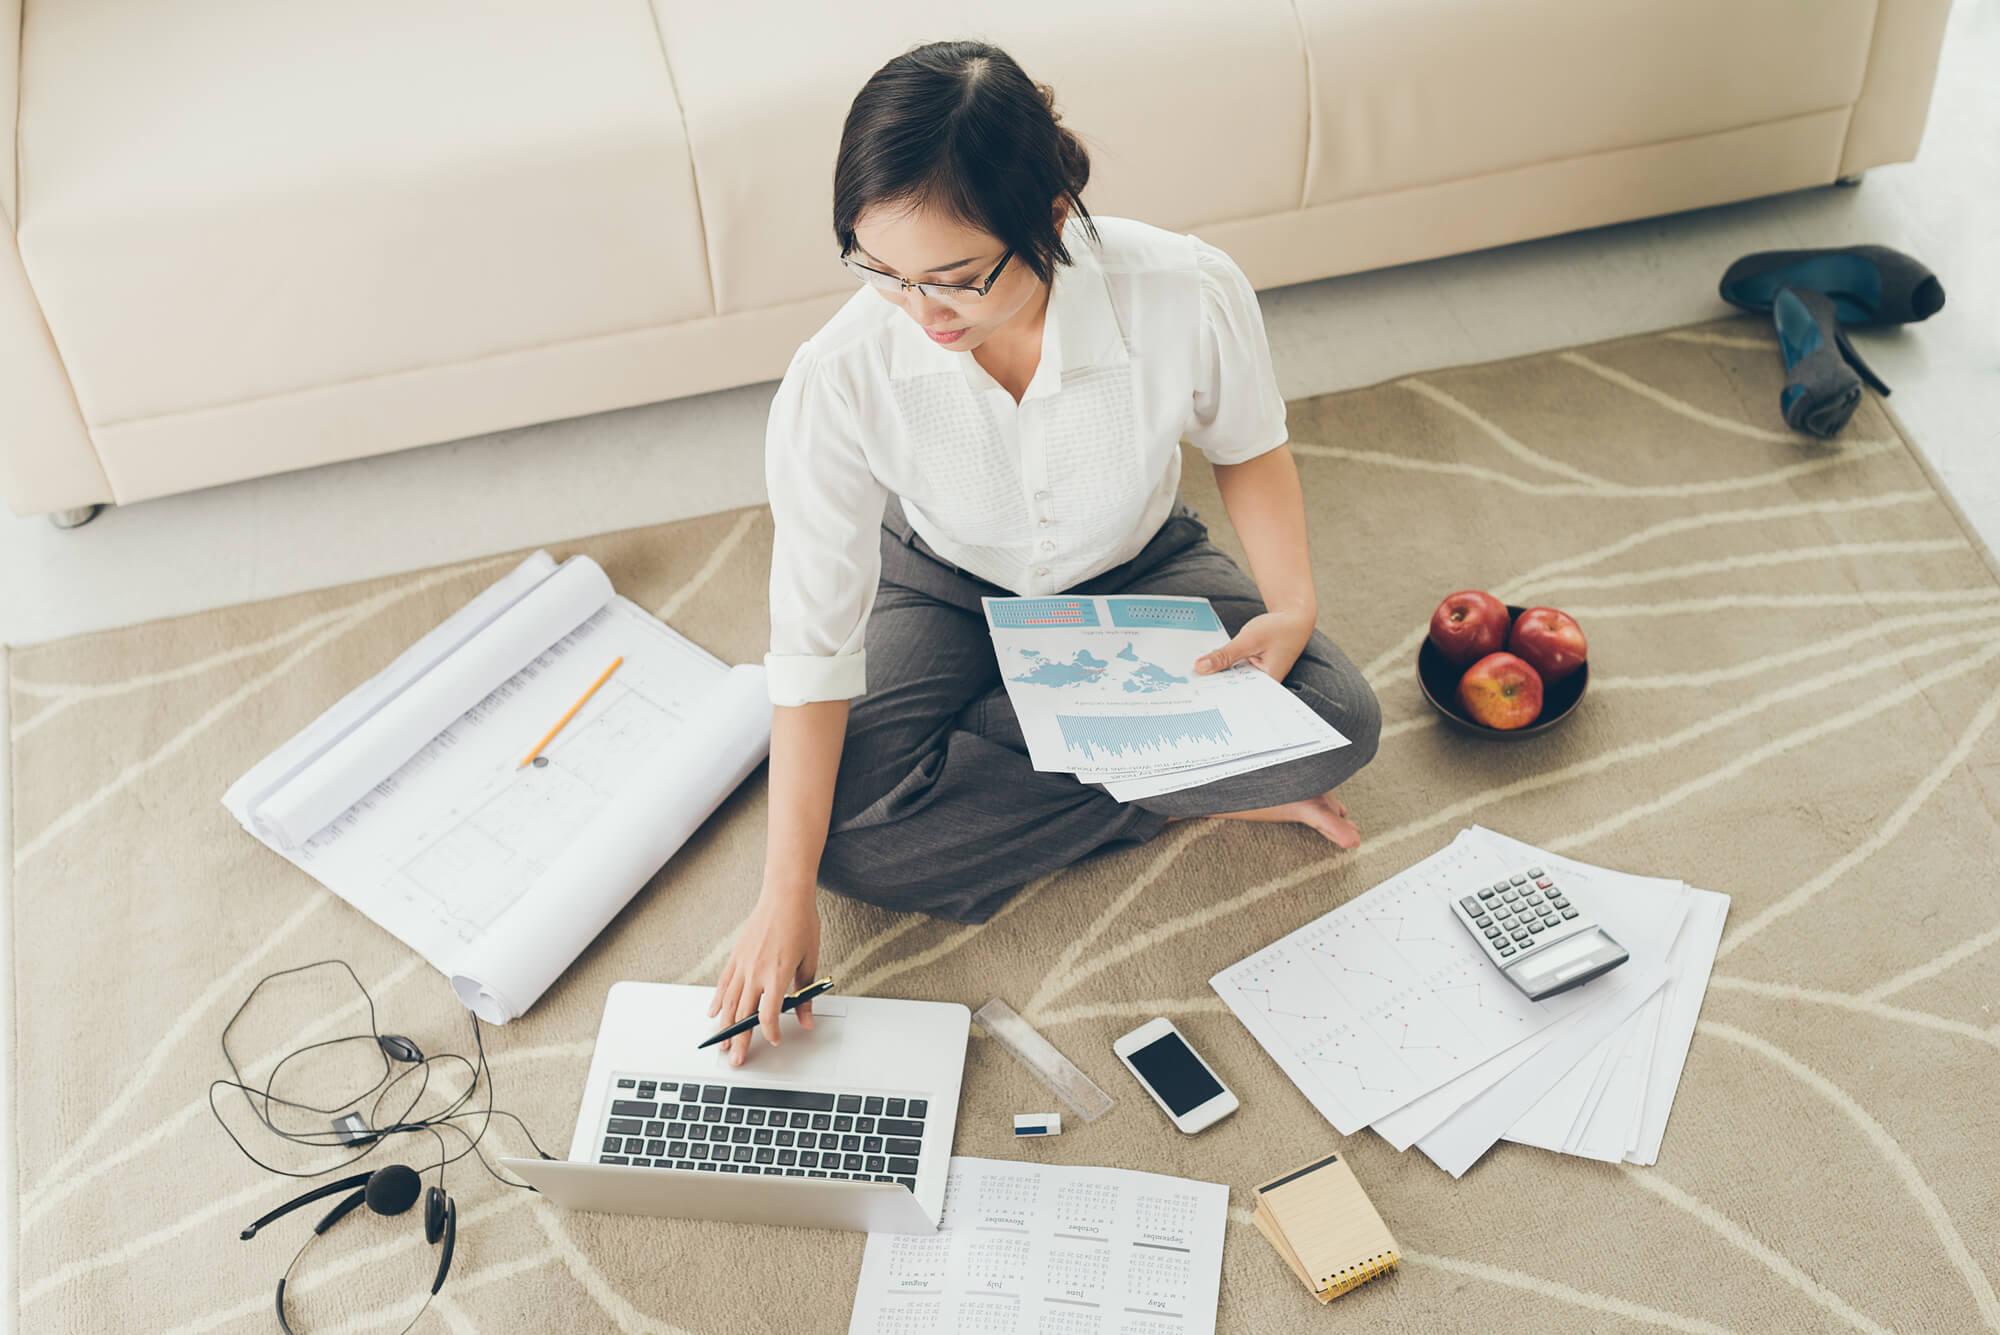 Planejamentofinanceiroparadesignersdeinteriores-planejamento-financeiro-para-designers-de-interiores-mulhertrabalhando-mulher-trabalhando-planejamentodeempresa-planejamento-de-empresa